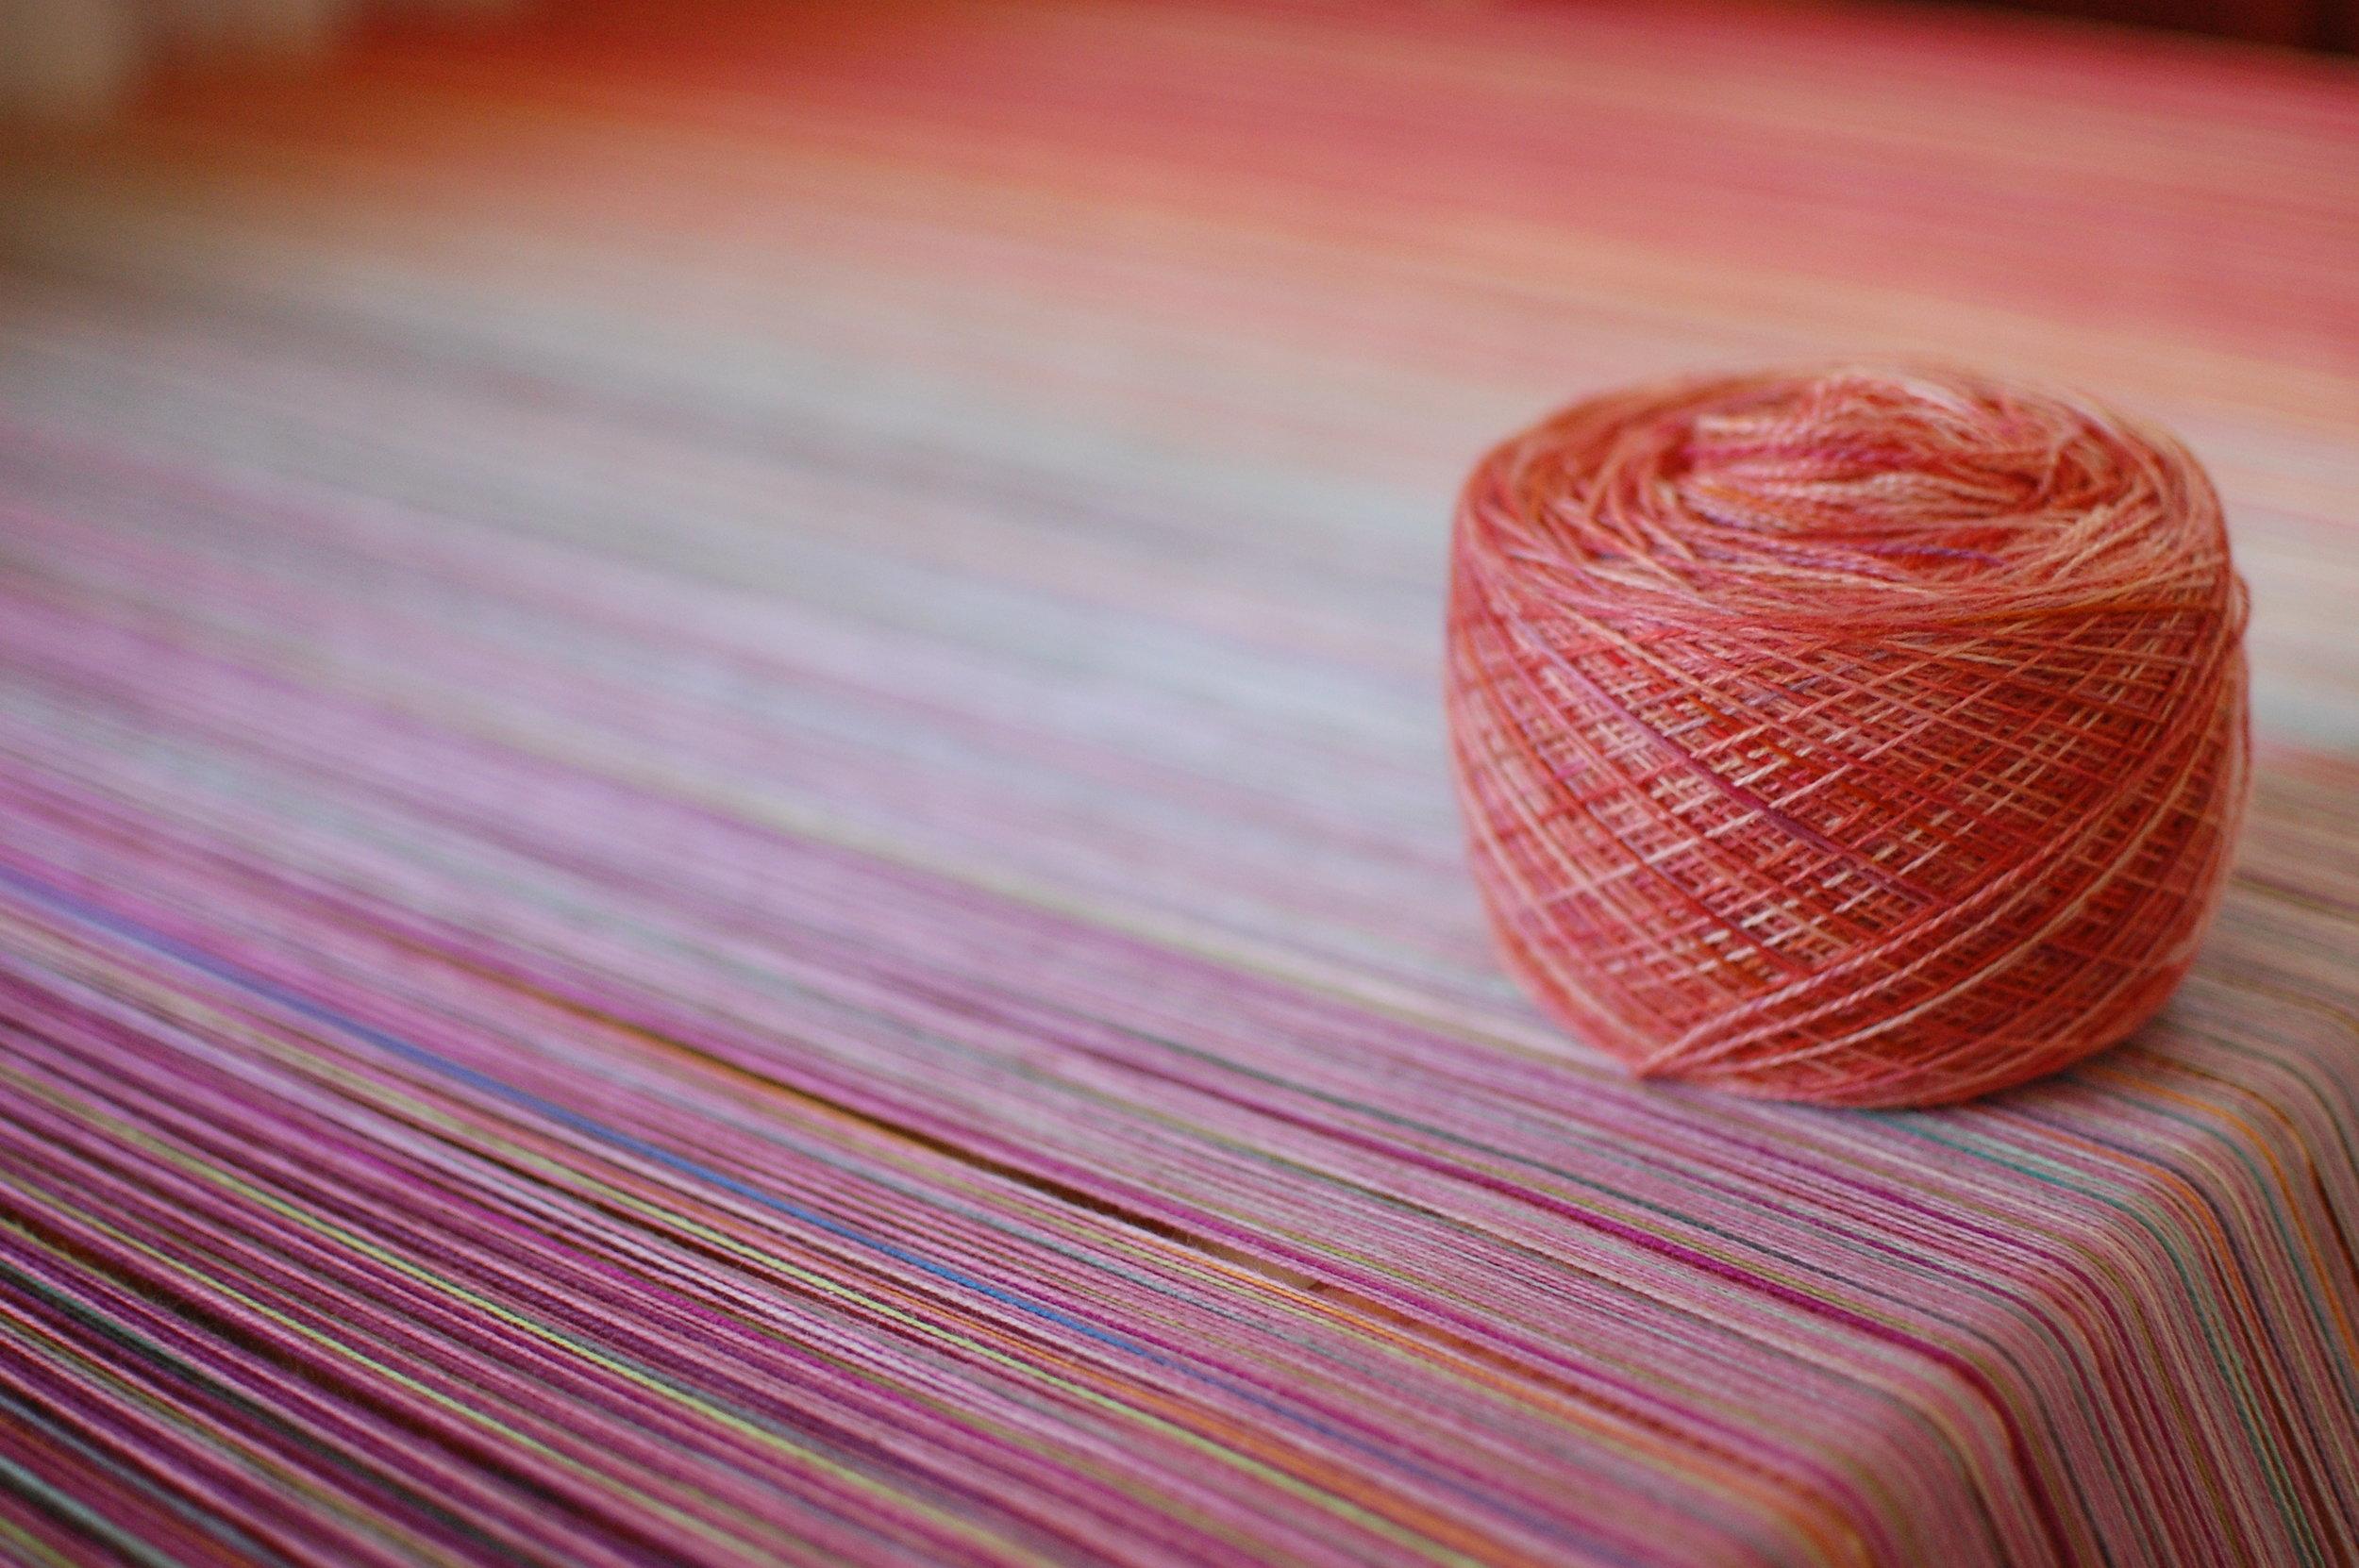 Phydeaux Designs Nectar 80% Superfine merino wool/20% silk